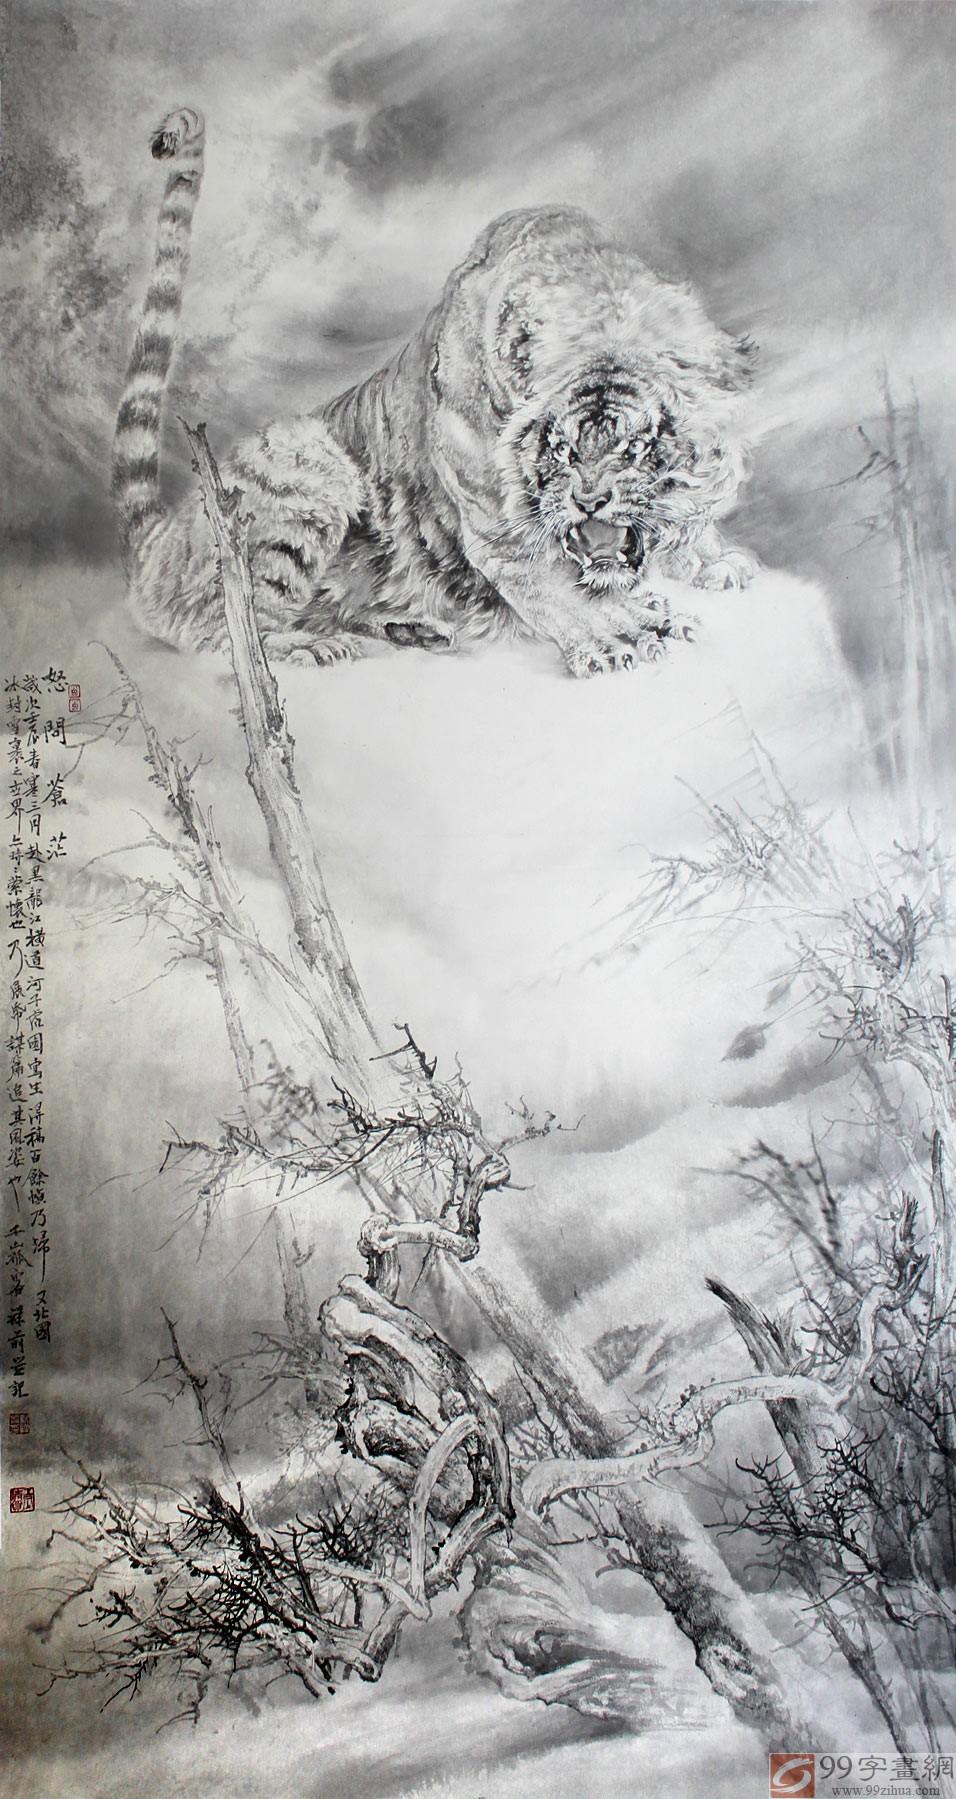 上山虎-下山虎-含义_上山虎与下山虎图片展示_上山虎与下山虎相关图片下载